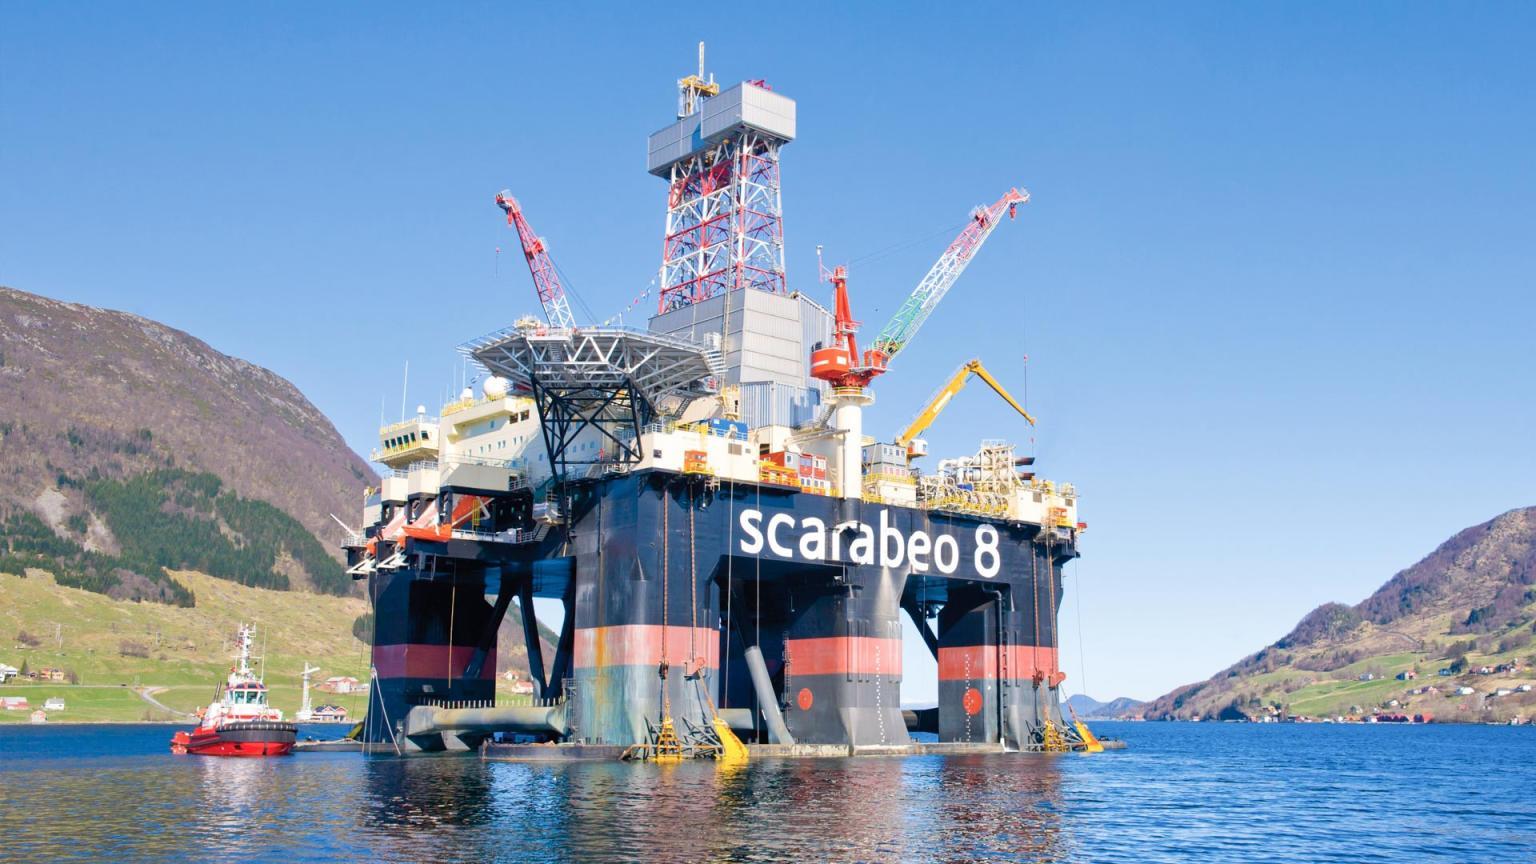 Muitas vagas de emprego para um projeto offshore na Indonésia anunciadas neste dia, 7 de abril